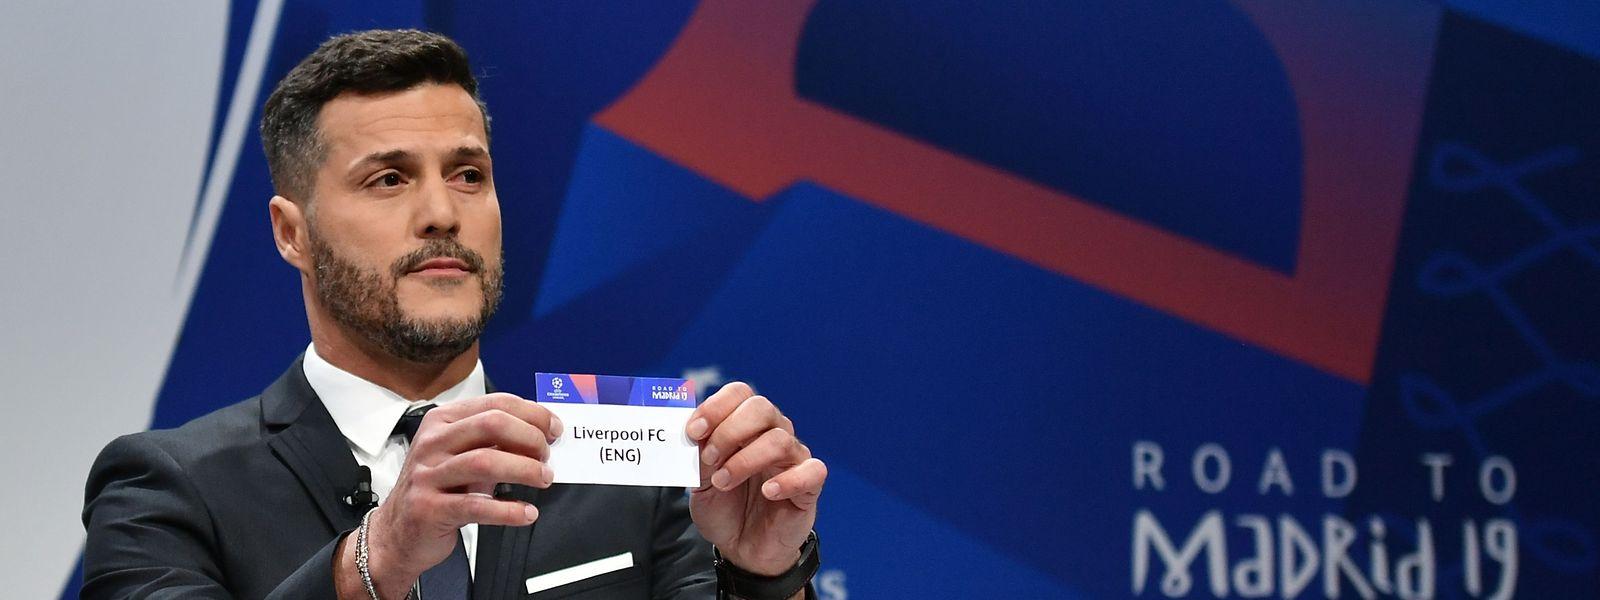 Der ehemalige brasilianische Torwart Julio Cesar zieht die Champions-League-Paarungen in Nyon.